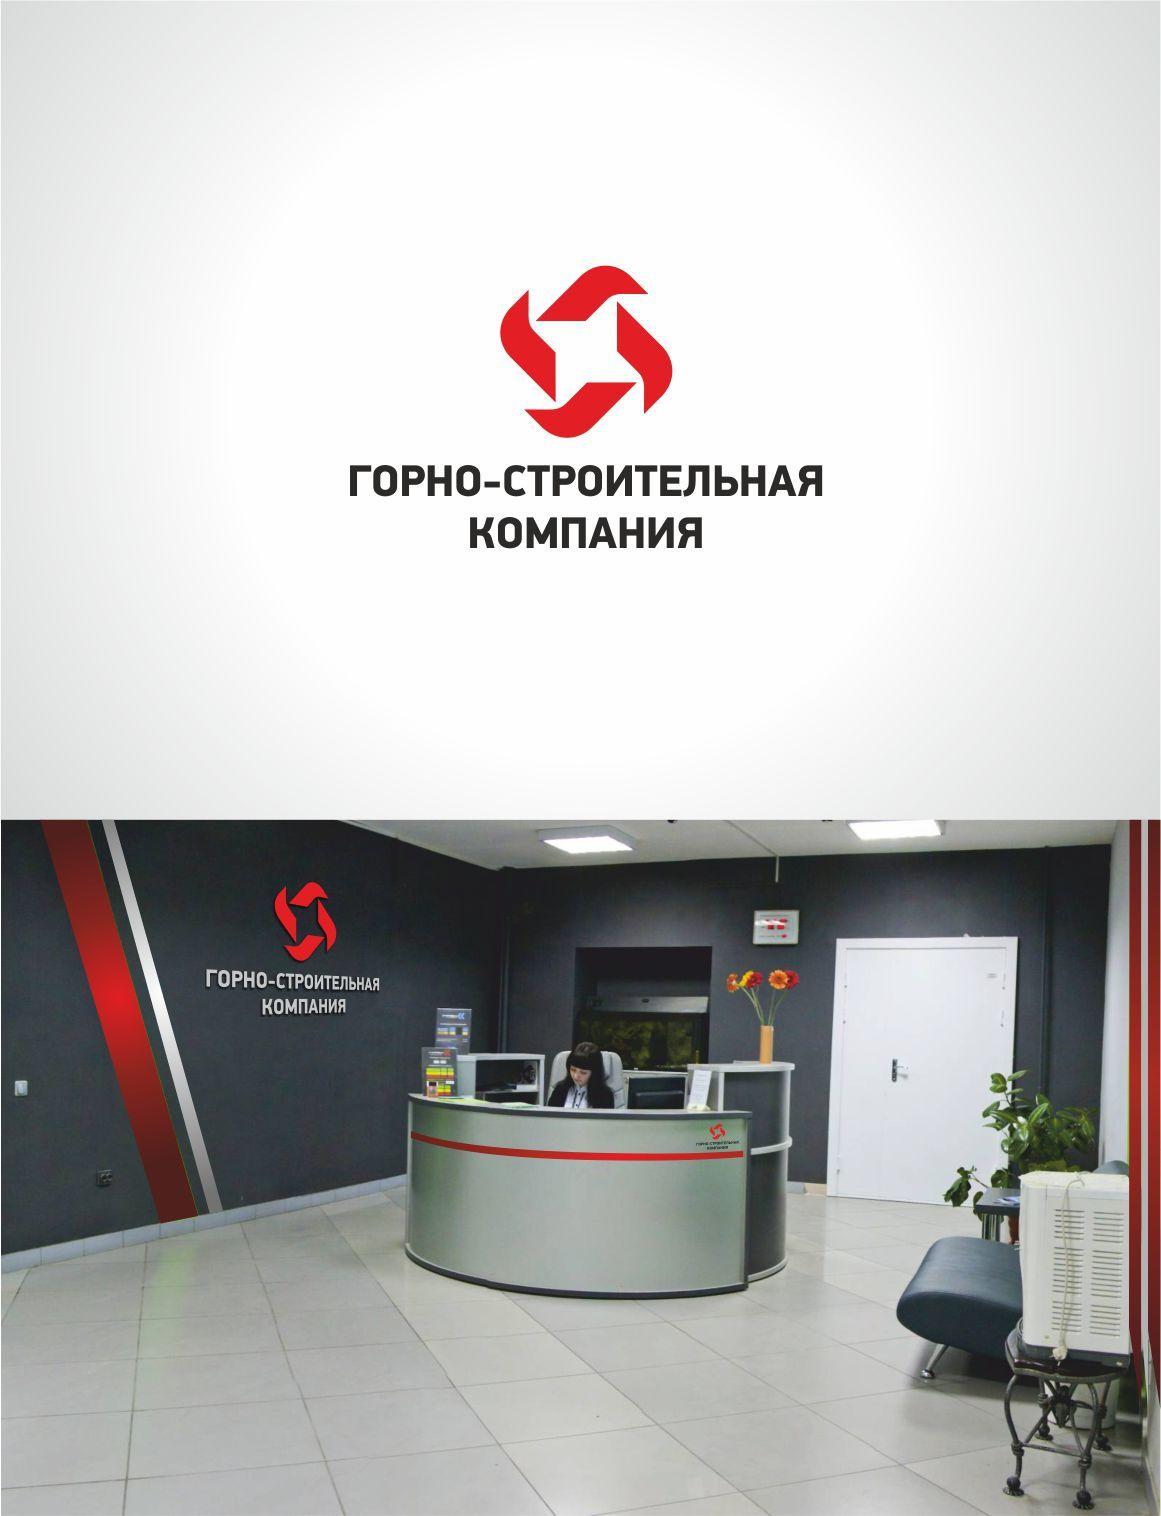 Логотип для Горно-Строительной Компании - дизайнер GAMAIUN